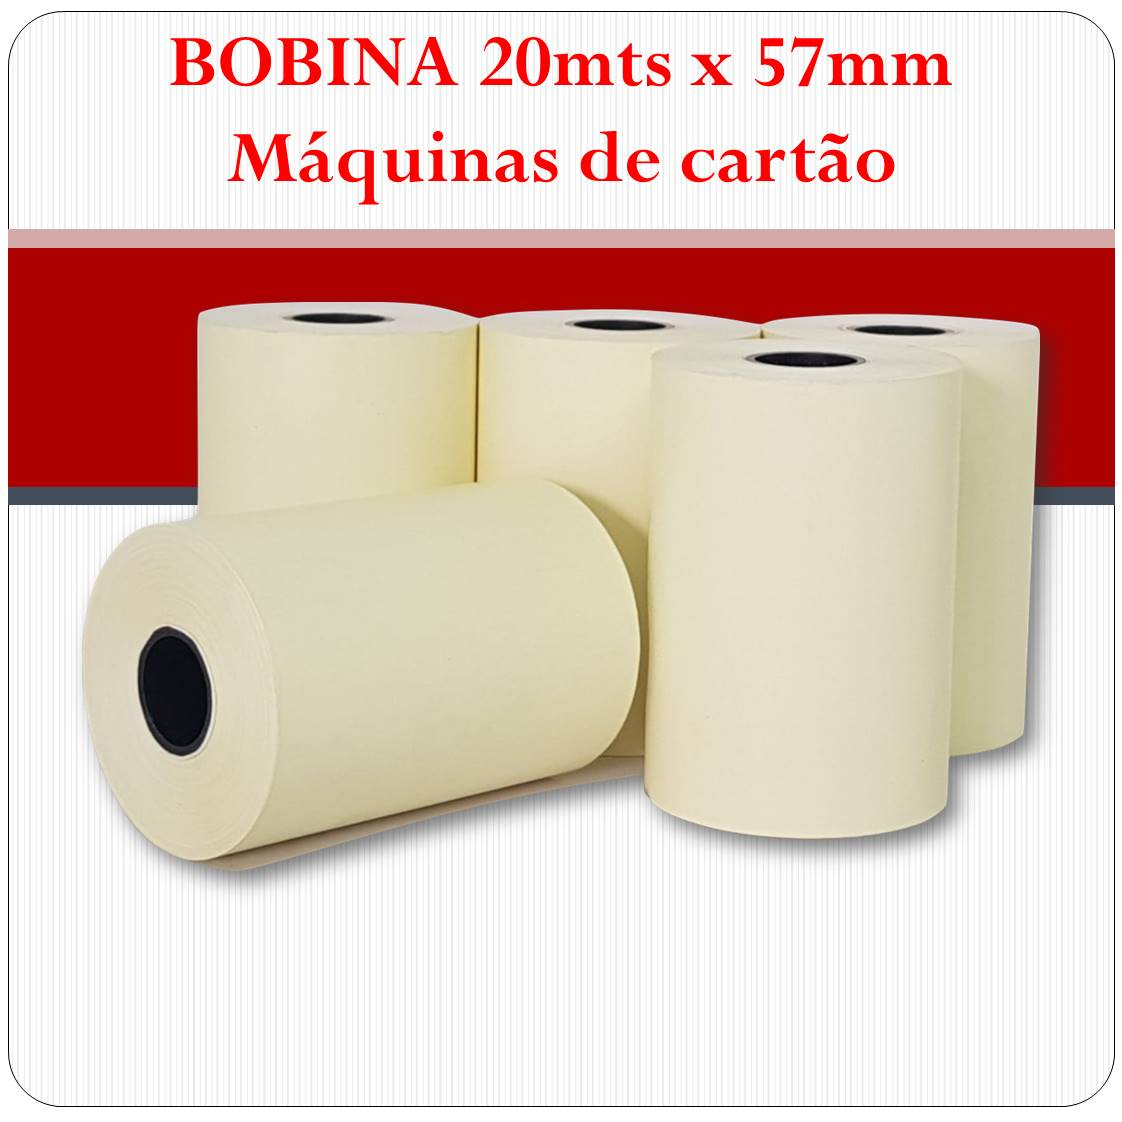 Bobina Térmica 57mm x 20mts - CAIXA com 20 unidades